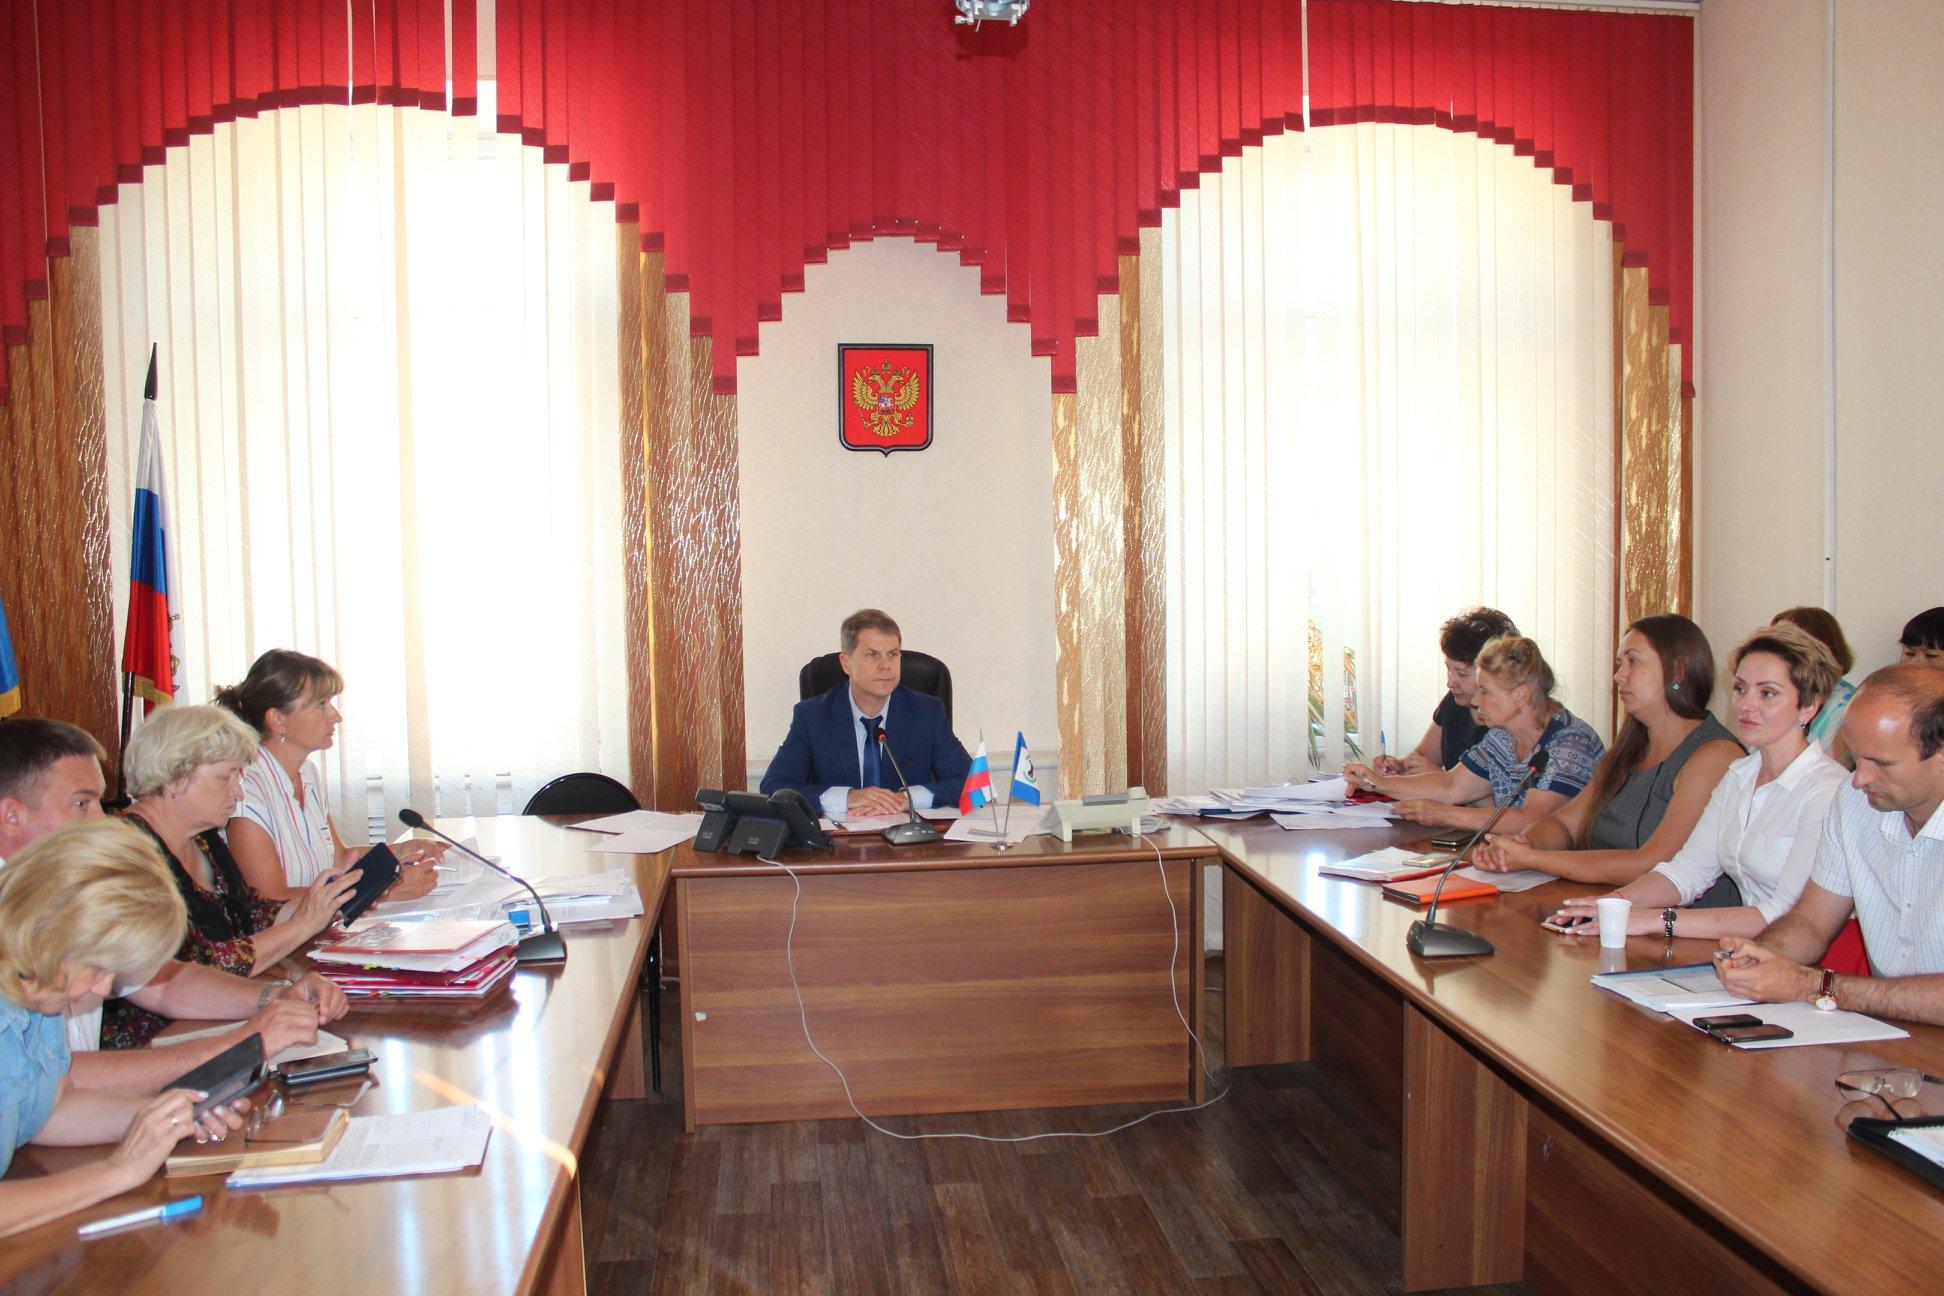 В  результате масштабных мероприятий, проводимых министерством здравоохранения Иркутской области в зоне подтопления с 01.07.2019 года,  за 8 суток вакцинировано 37 028 человек, из них детей  9 859 детей. В том числе привита  основная часть личного со…